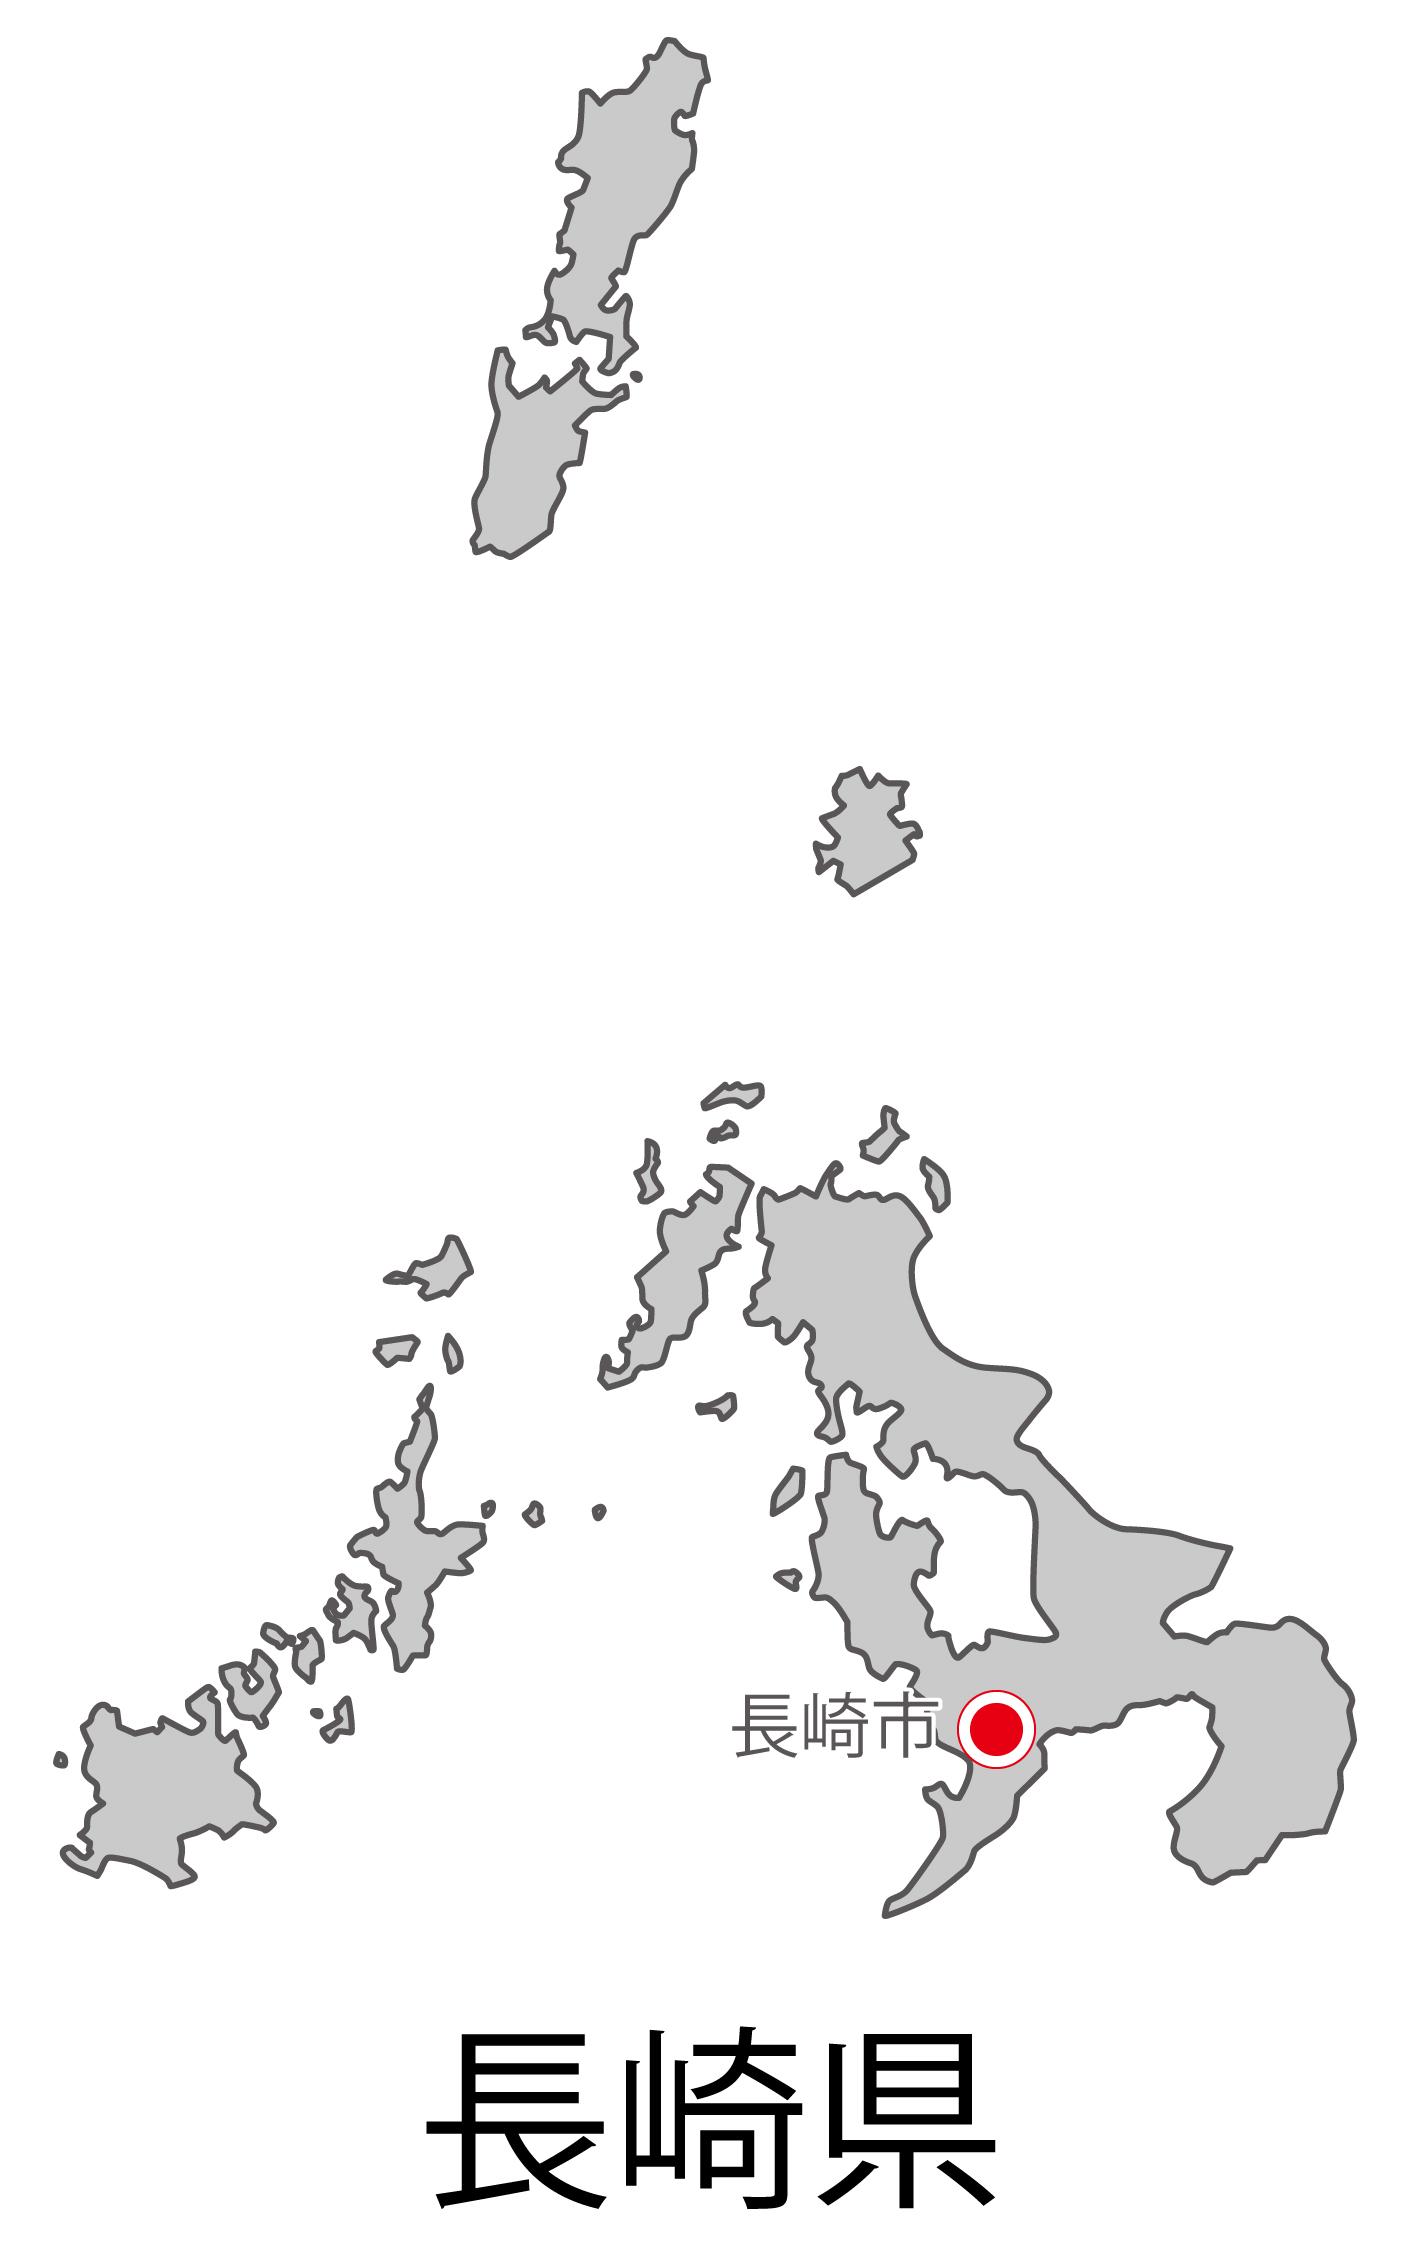 長崎県無料フリーイラスト|日本語・都道府県名あり・県庁所在地あり(グレー)